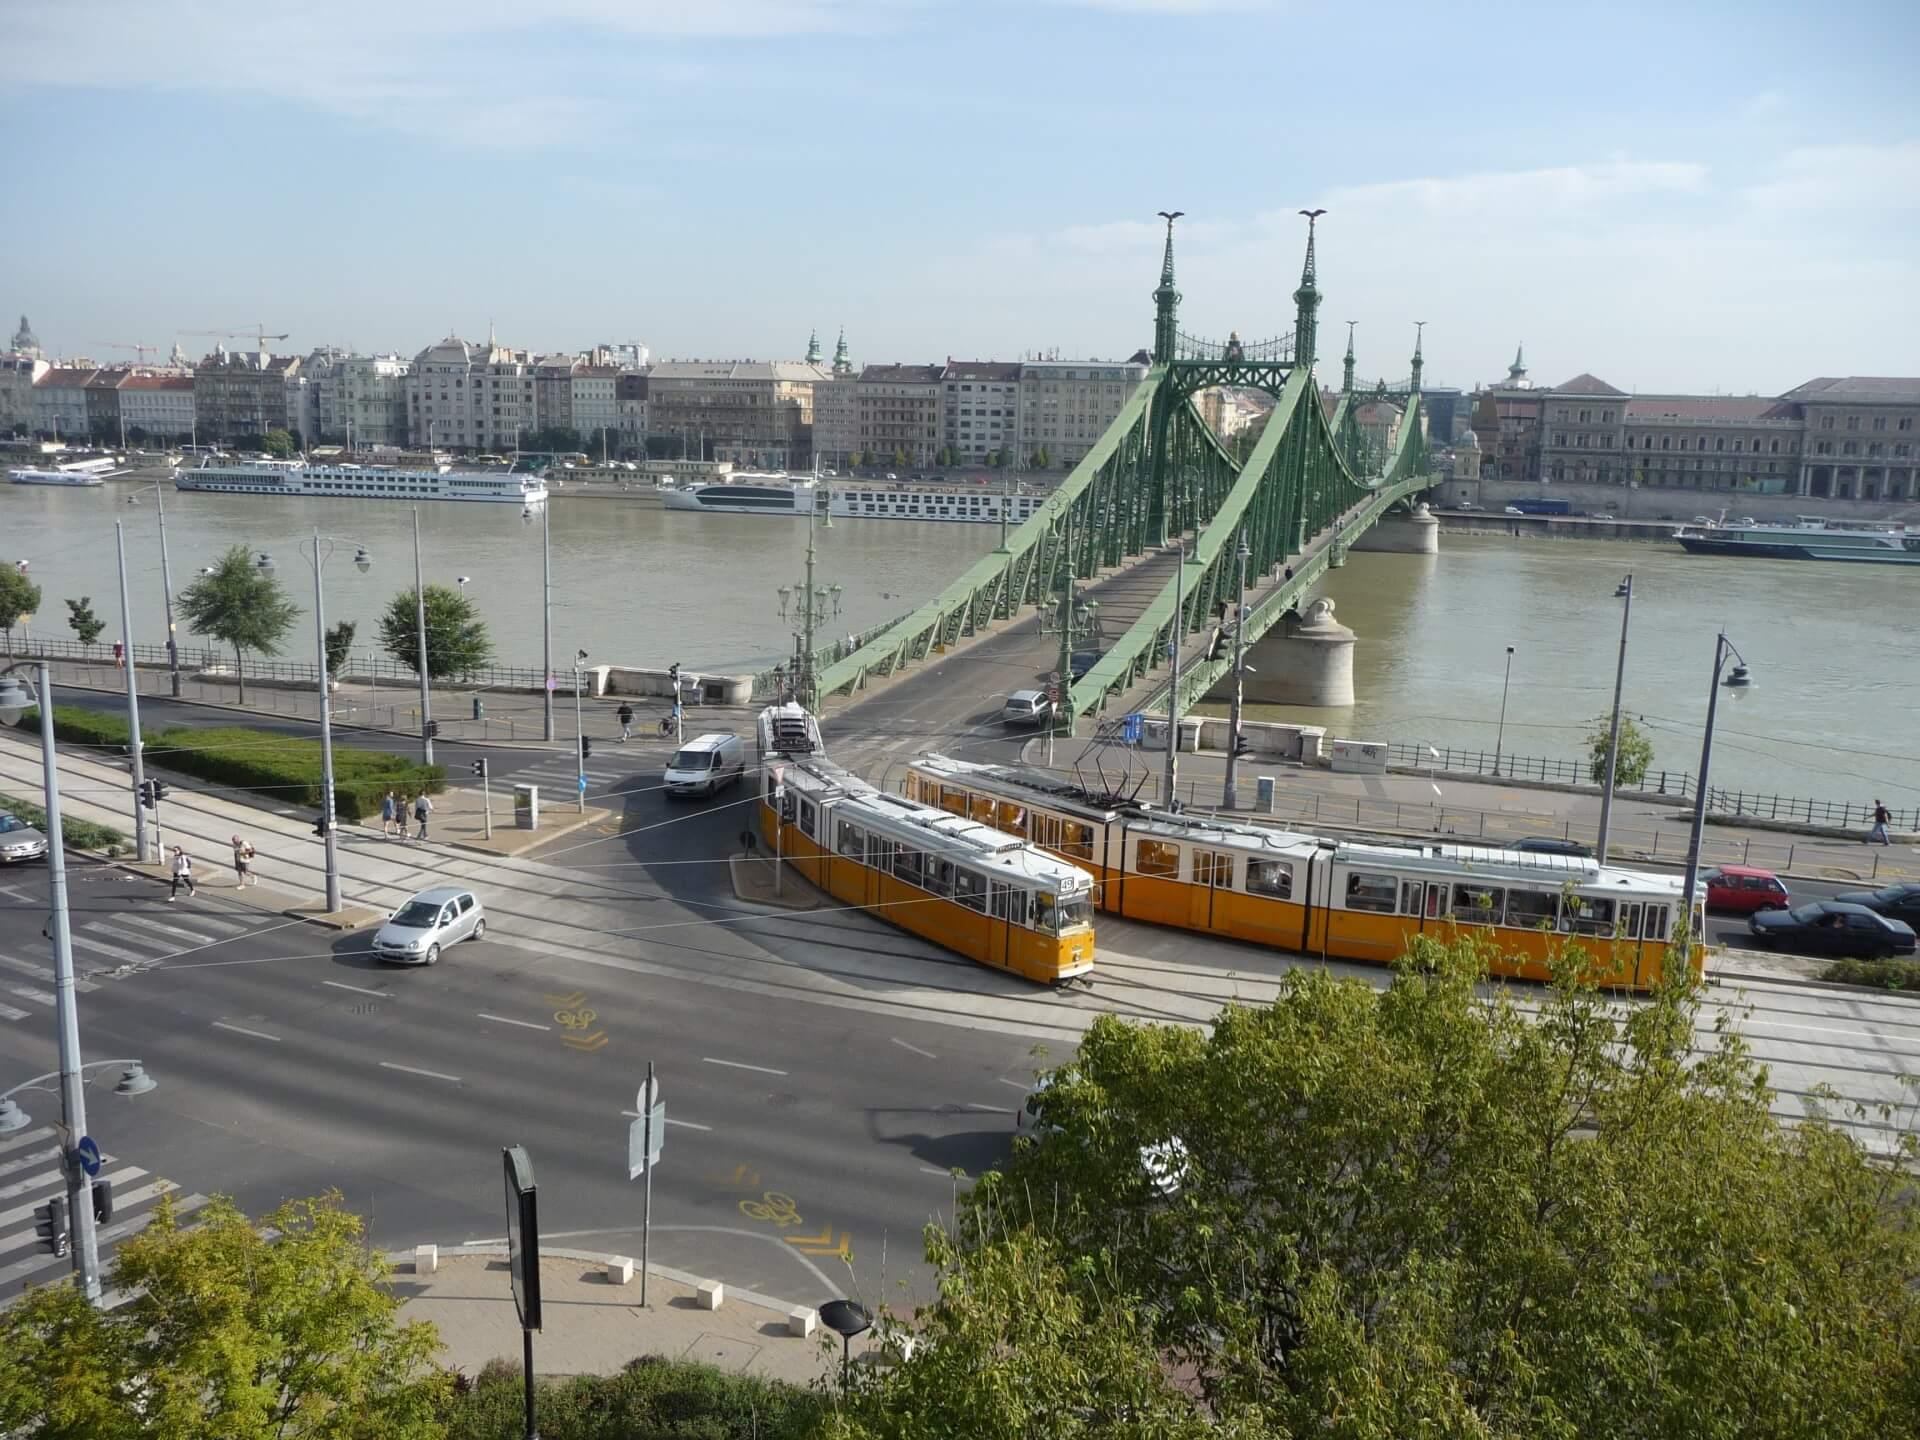 Freiheitsbrücke und Donau am Morgen vom Gellért aus gesehen